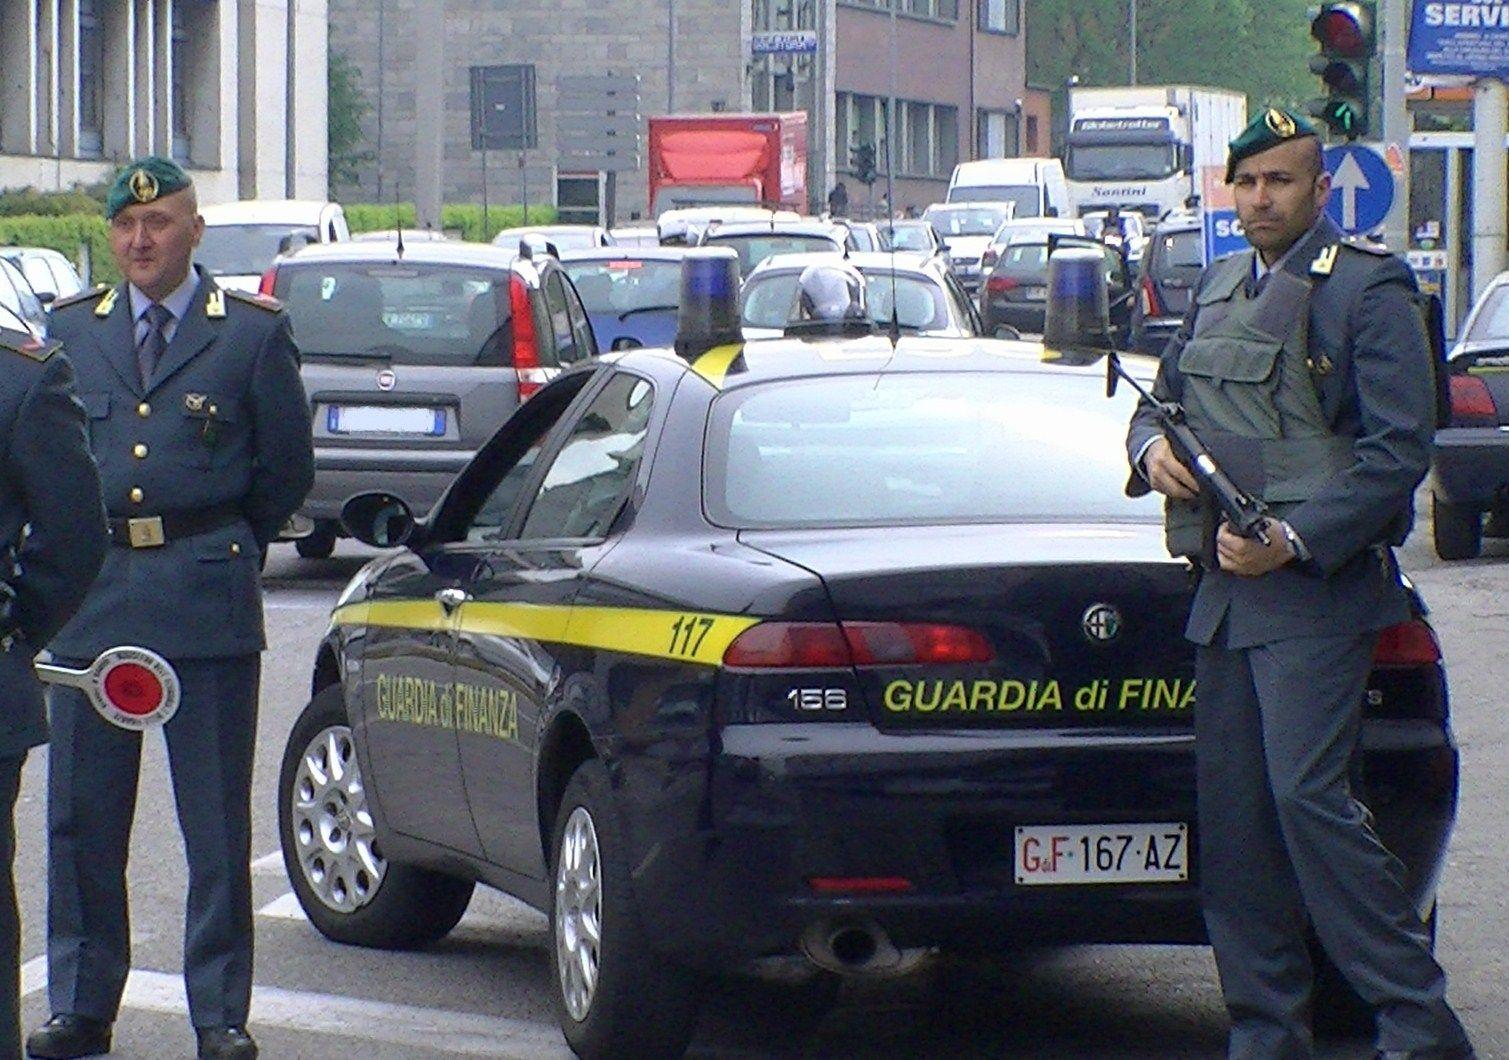 CIRIE - Abusivo fermato davanti all'ospedale: multa di 5000 euro